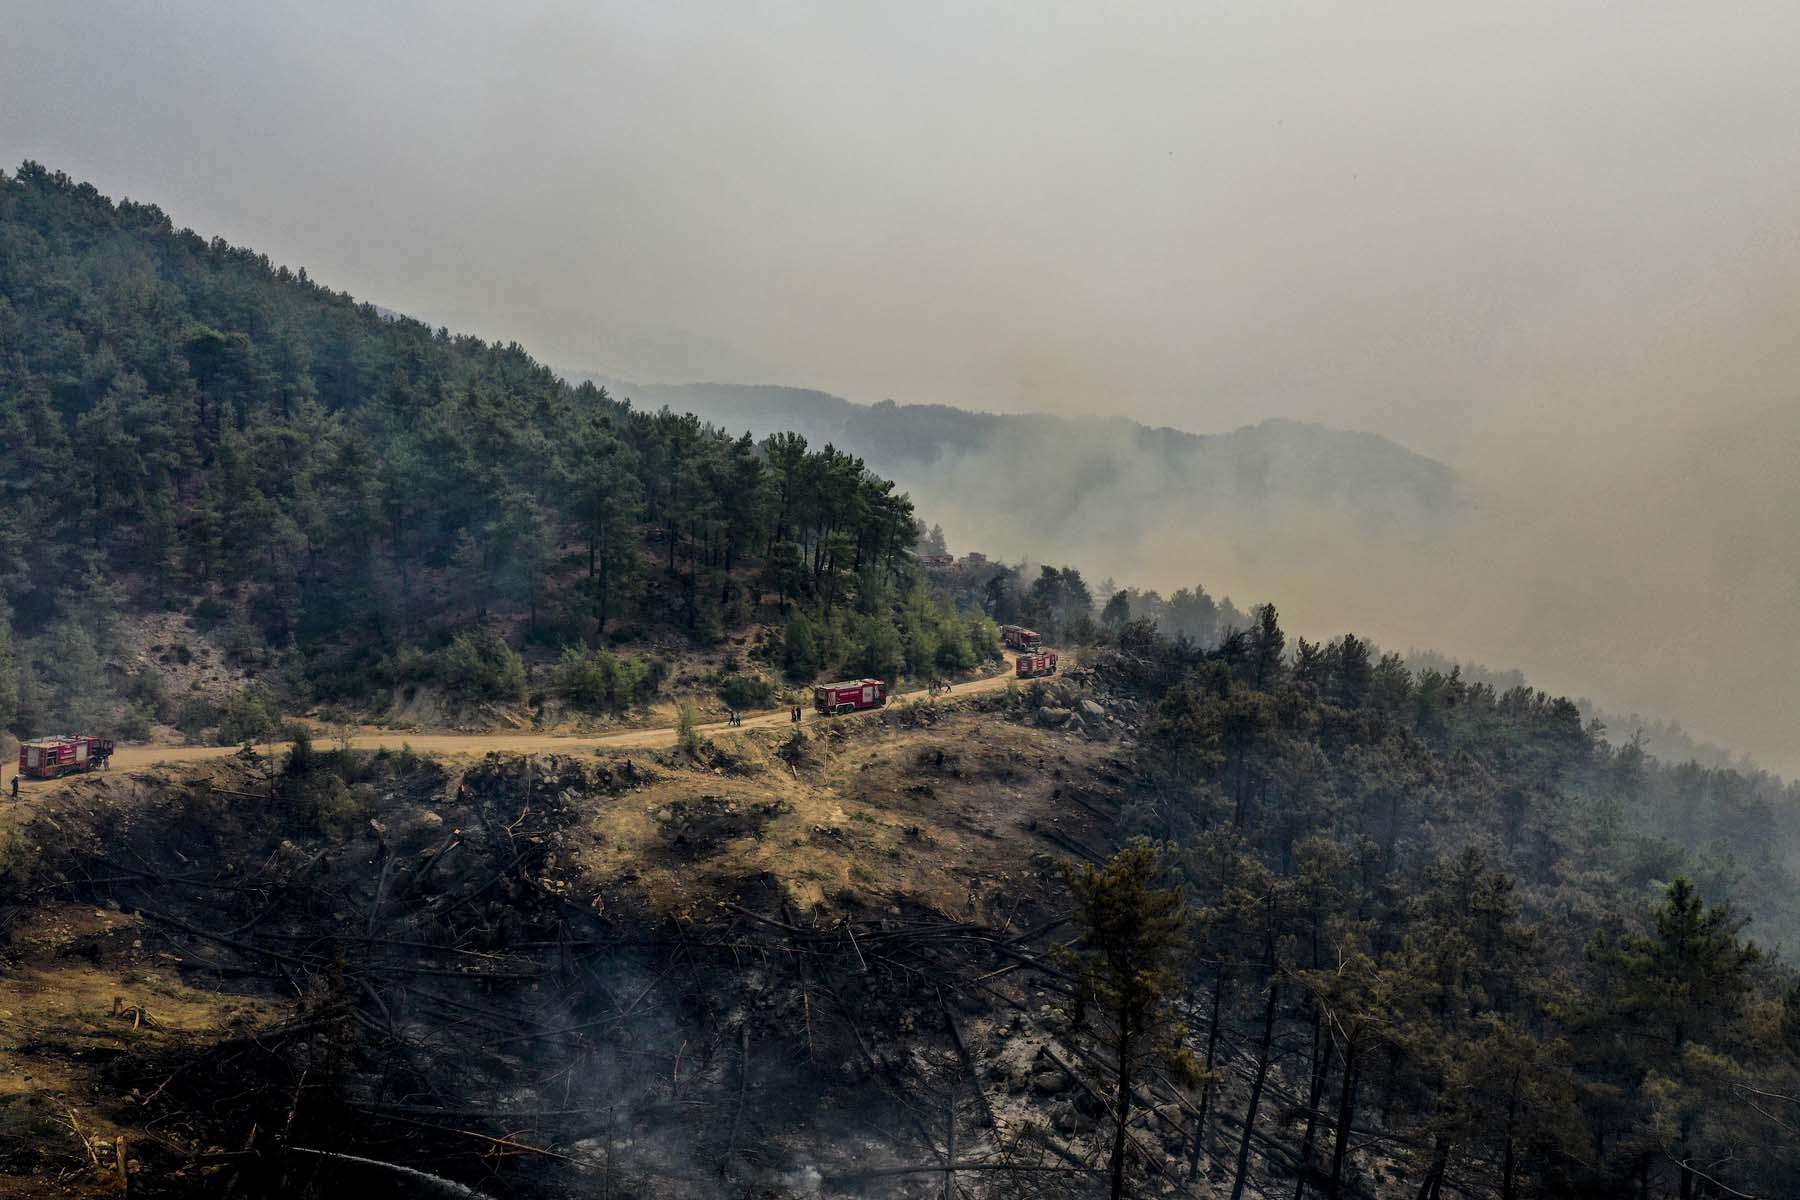 Son dakika   Bakan Pakdemirli açıkladı! Alevlerle mücadele sürüyor: 7 ilde 16 orman yangını devam ediyor